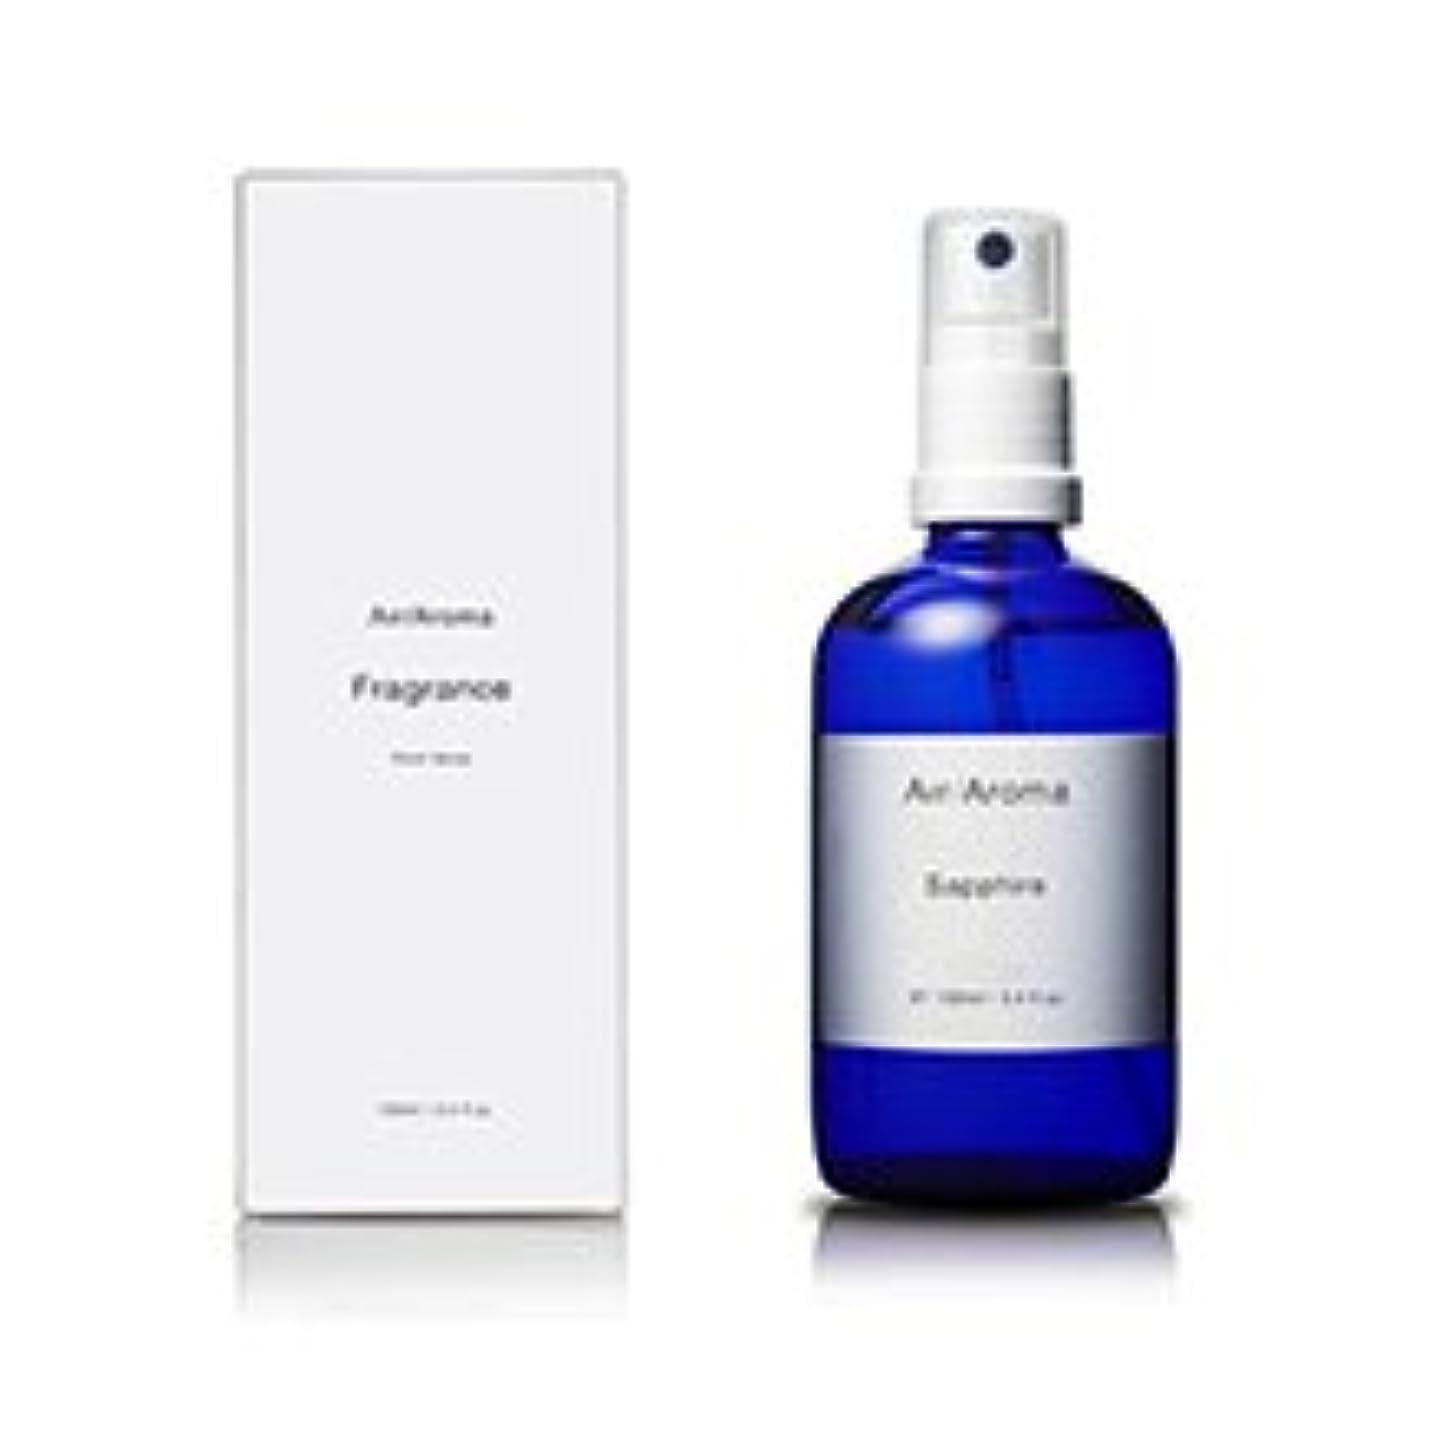 順応性のある層熟したエアアロマ sapphire room fragrance(サファイア ルームフレグランス) 100ml